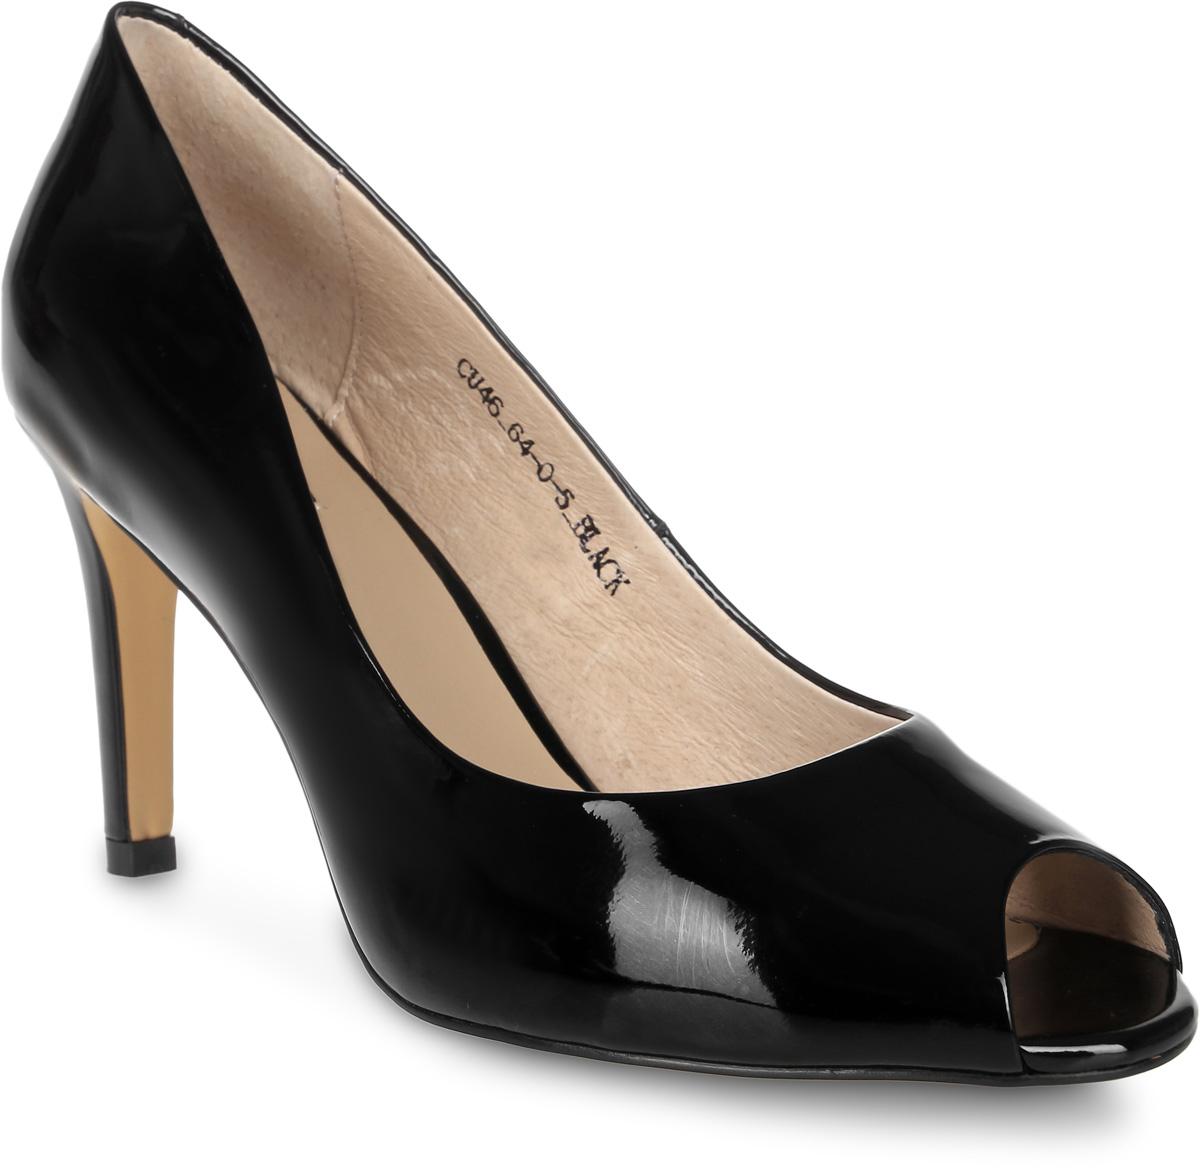 Туфли женские El Tempo, цвет: черный. CU46_64-0-5. Размер 35CU46_64-0-5_BLACKСтильные туфли от El Tempo - незаменимая вещь в гардеробе каждой женщины. Модель выполнена из натуральной лакированной кожи. Открытый носок добавляет женственности в образ. Подкладка и стелька, изготовленные из натуральной кожи, обеспечат уют и предотвратят натирание. Высокий каблук устойчив. Подошва с рифлением обеспечивает идеальное сцепление с разными поверхностями. Роскошные туфли помогут вам создать элегантный образ.